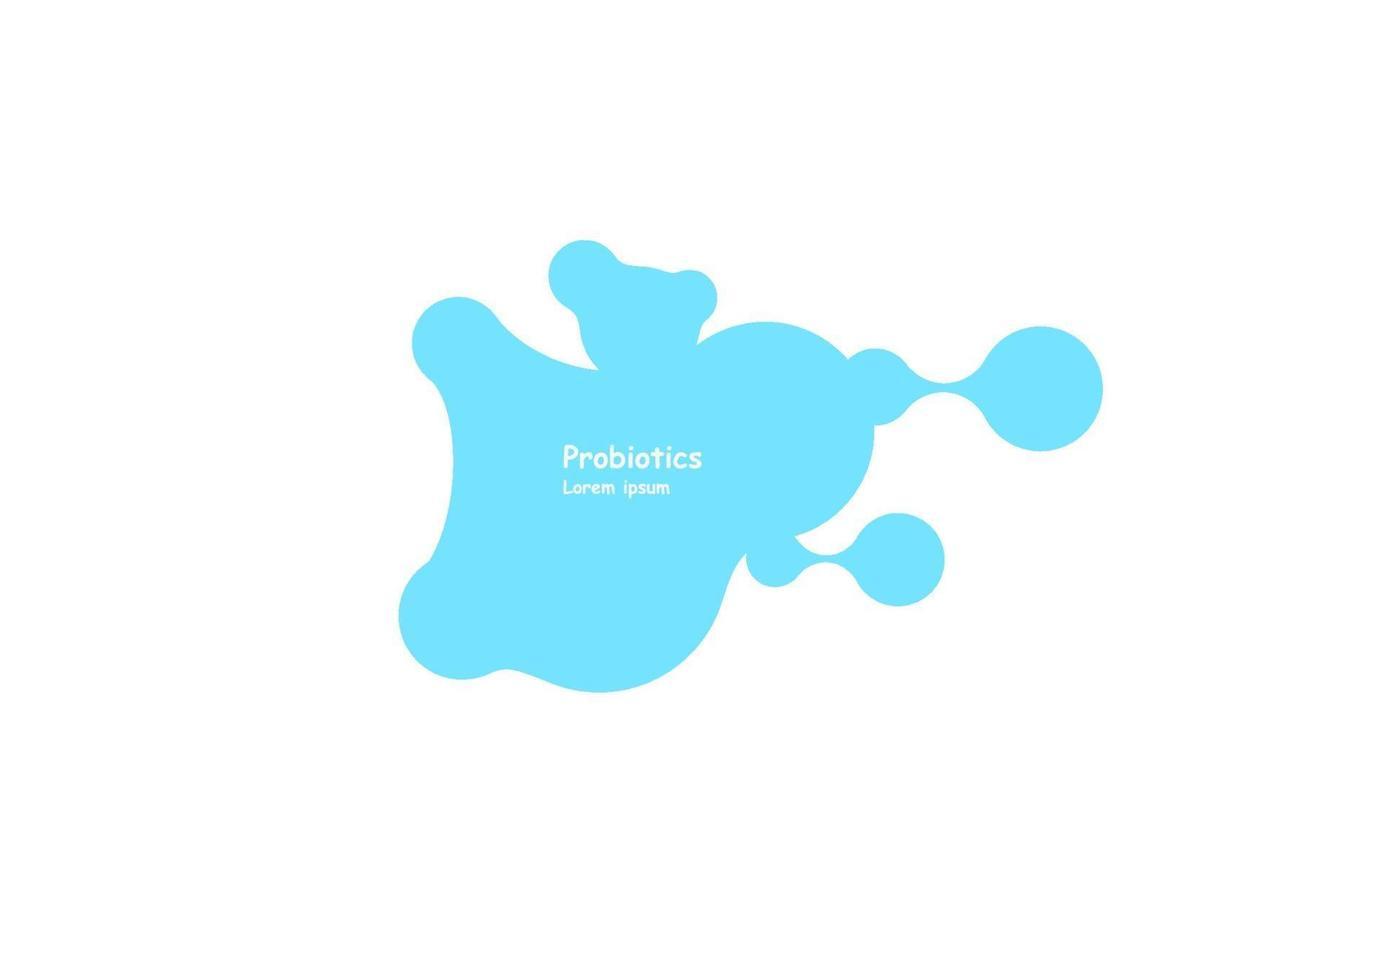 Probiotika Bakterien Vektor Design. Probiotika Bakterien Vektor Design. Konzept des Designs mit probiotischen Bakterien von Lactobacillus. Schablonendesign mit präbiotischer Zutat für gesunde Ernährung